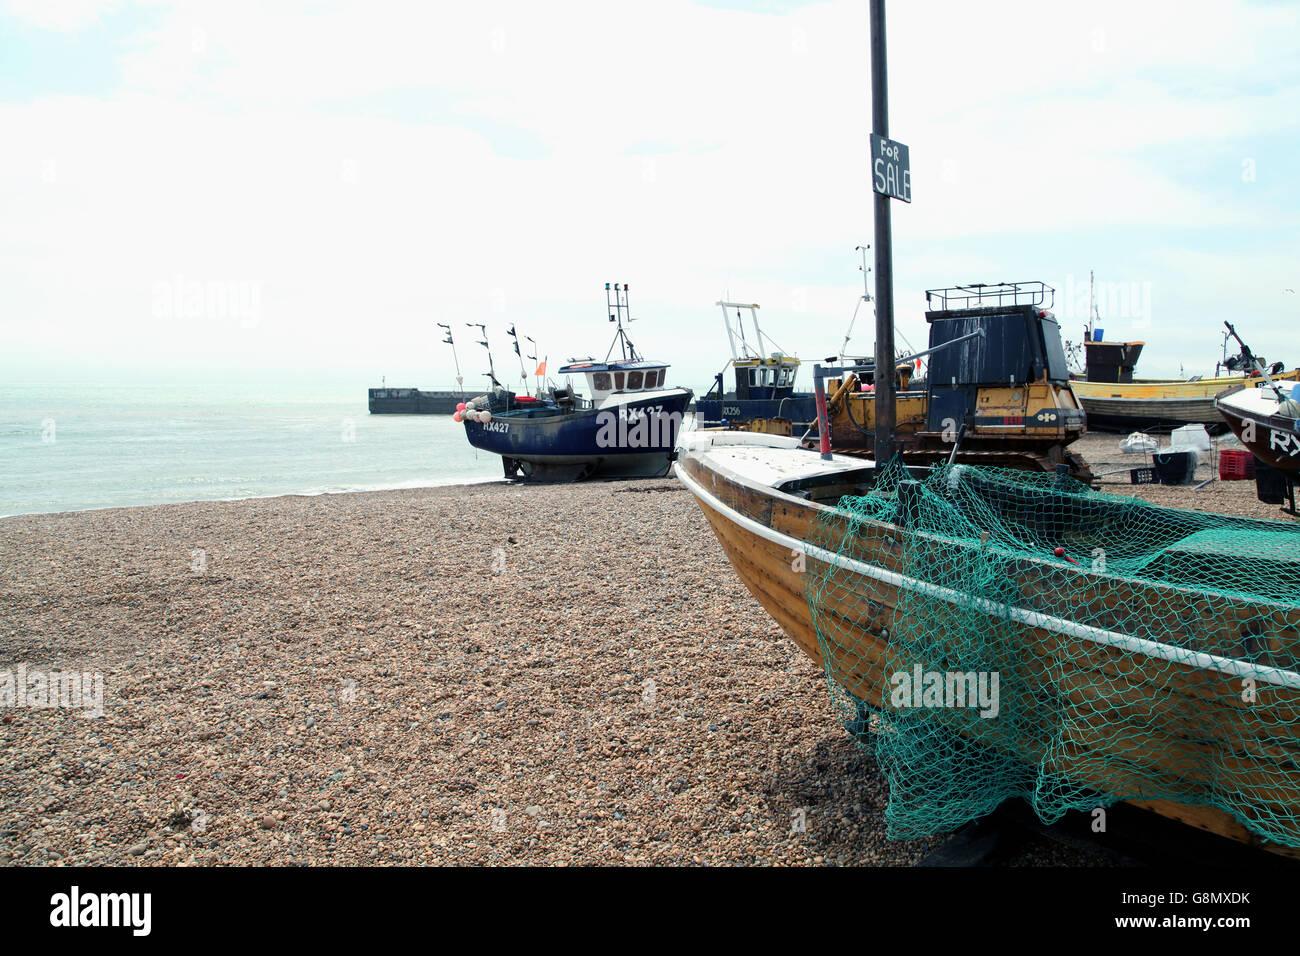 Bateaux de pêche tiré vers le haut sur la plage Photo Stock